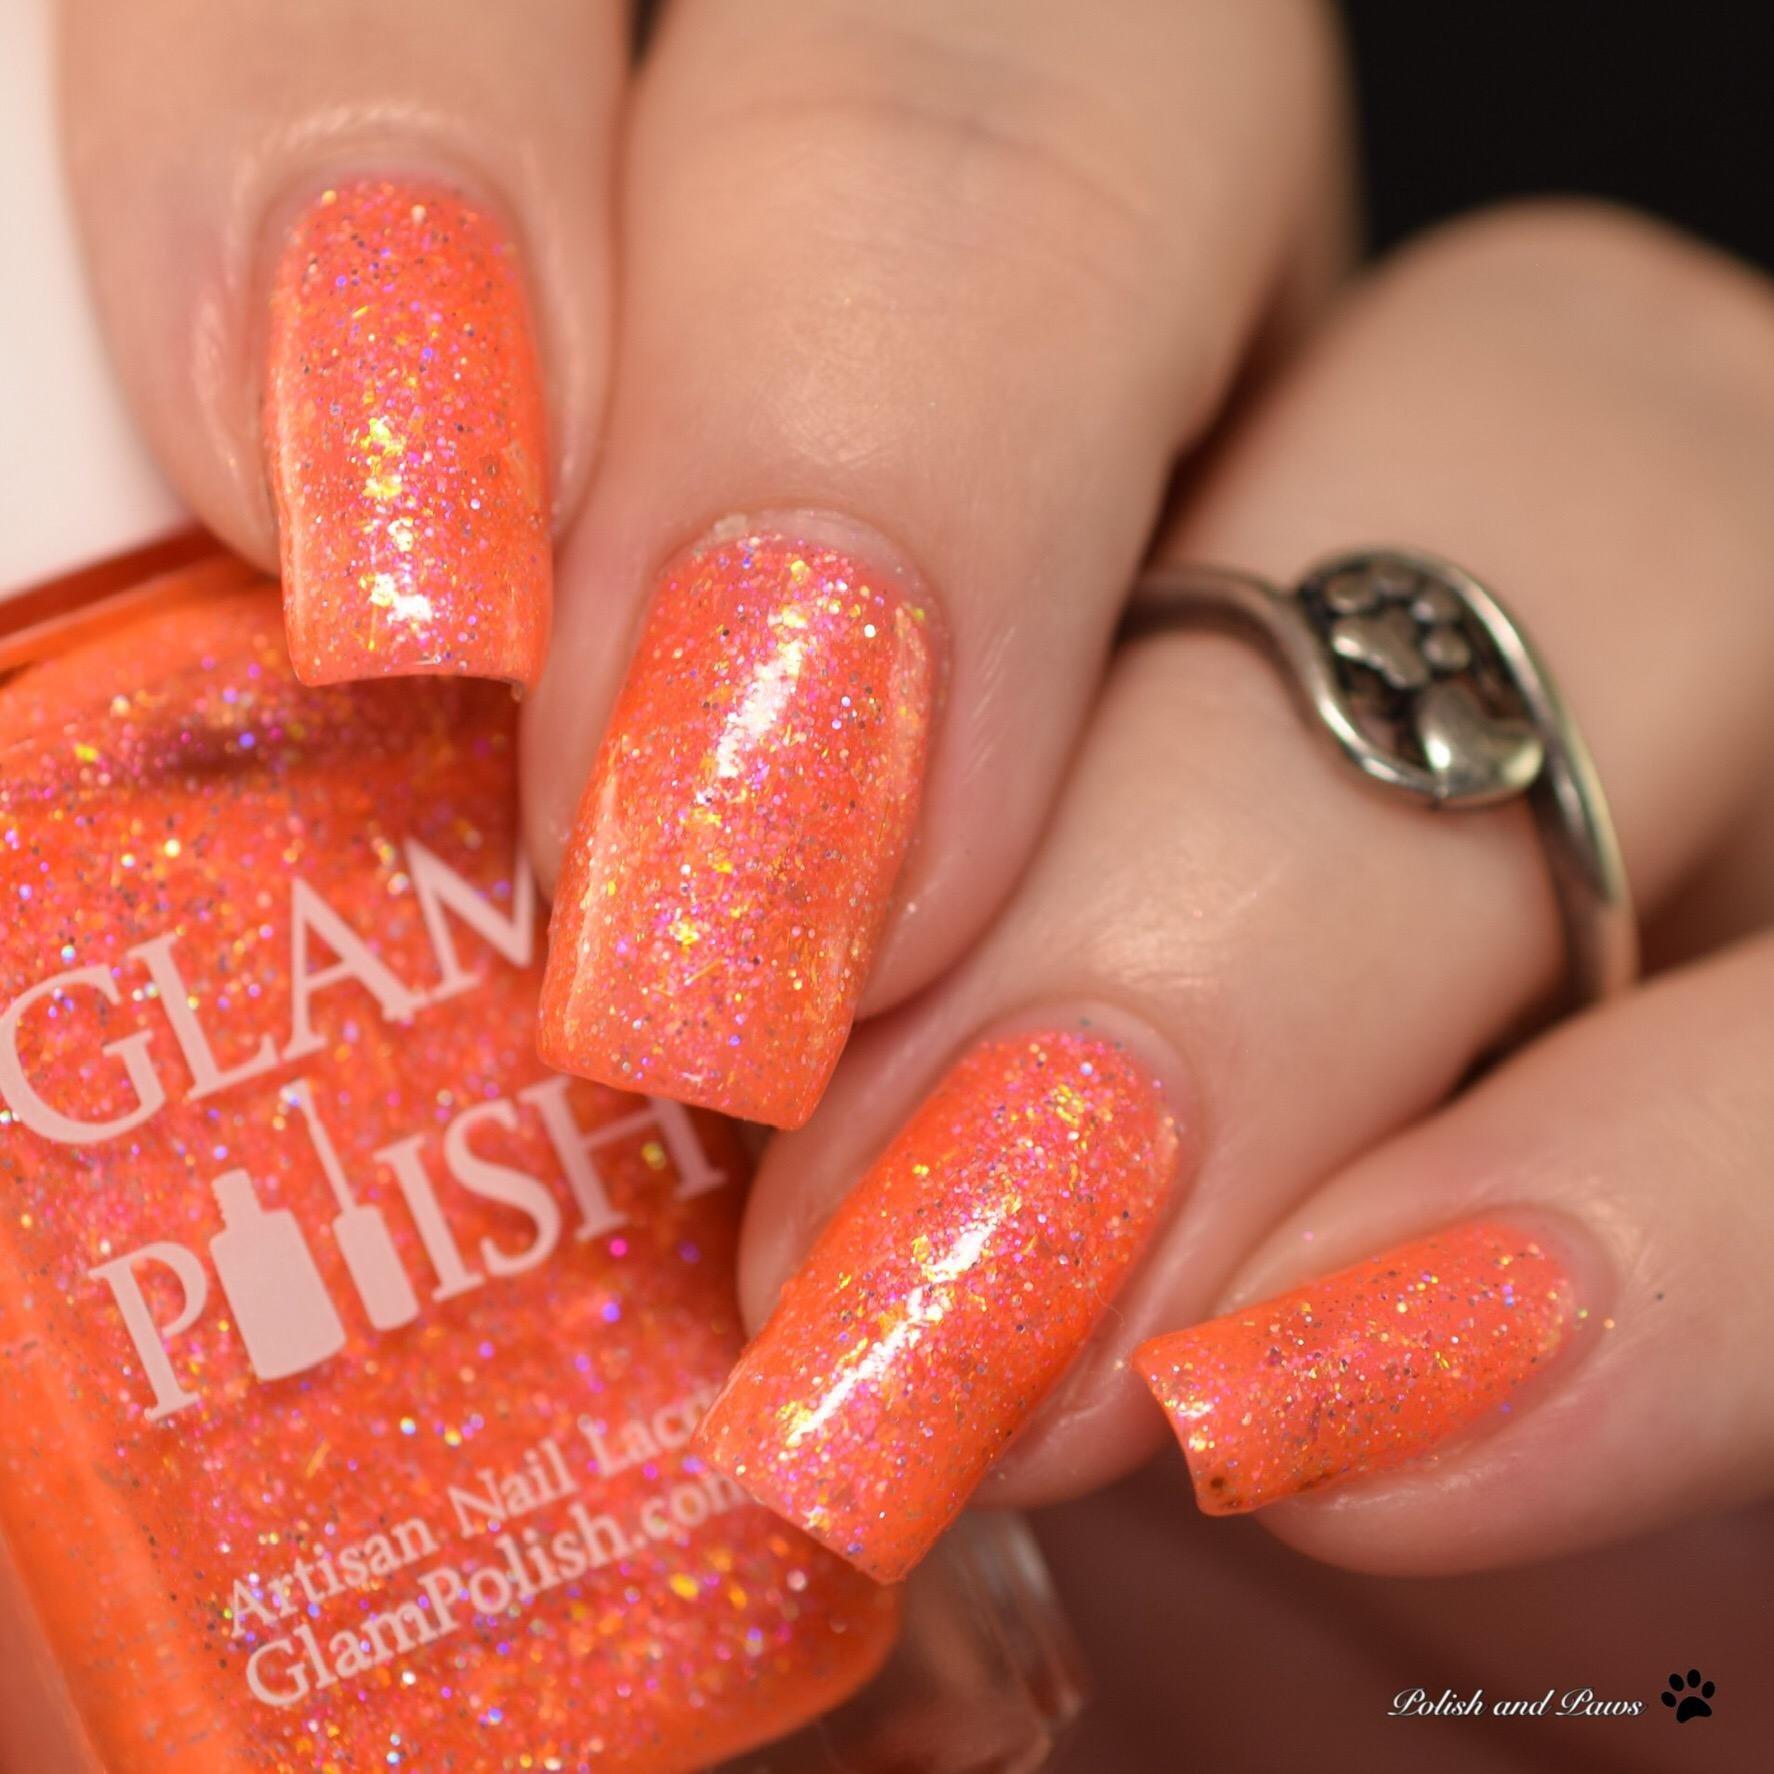 Glam Polish Happy as a Clam